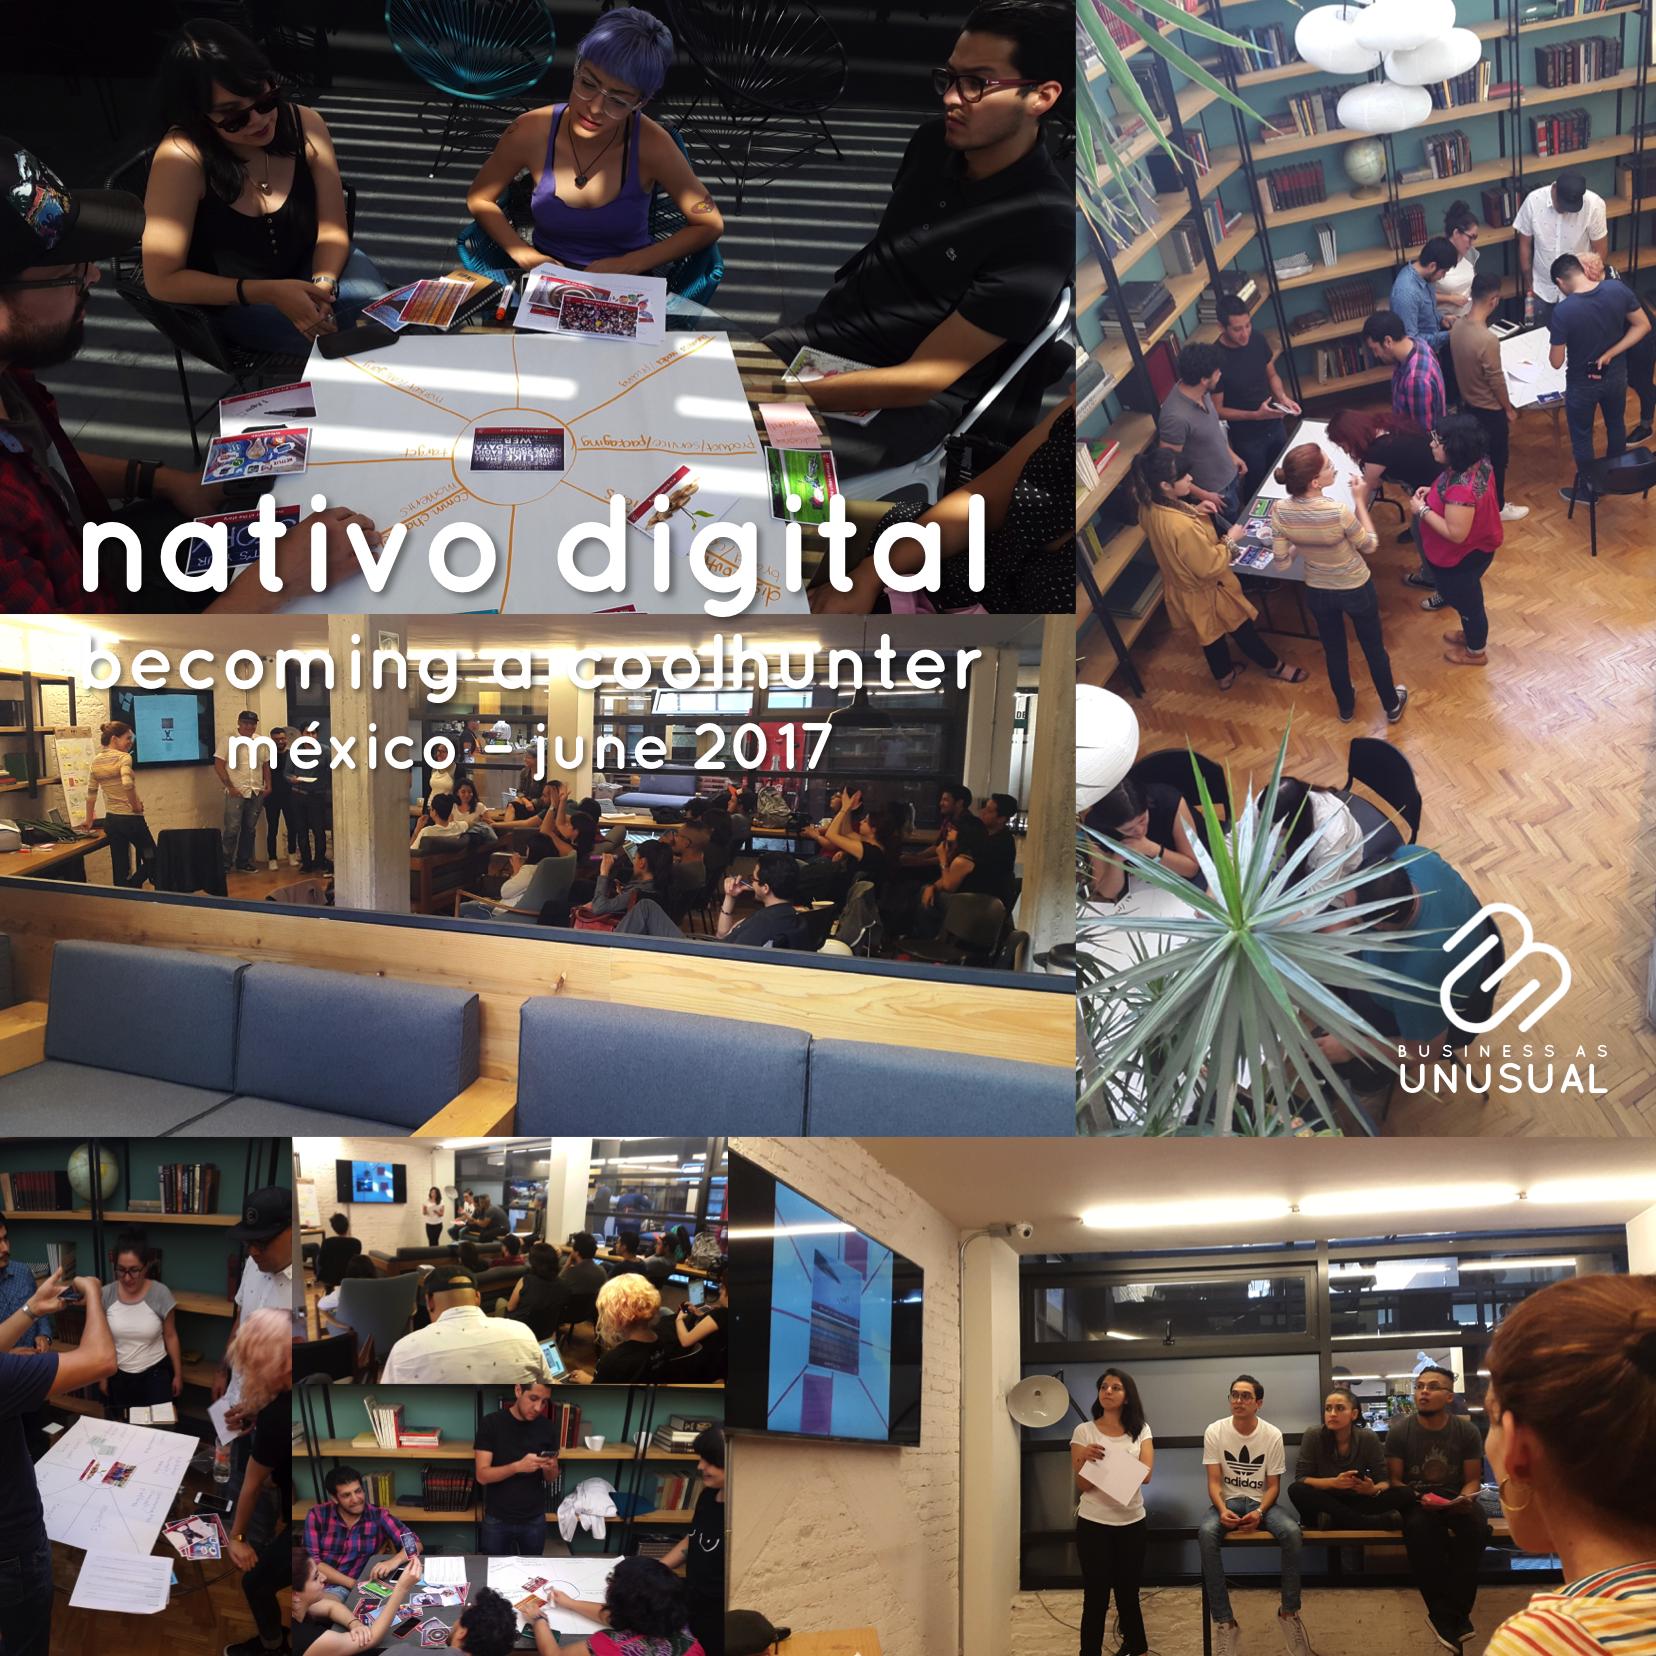 Nativo Digital - Becoming a Coolhunter